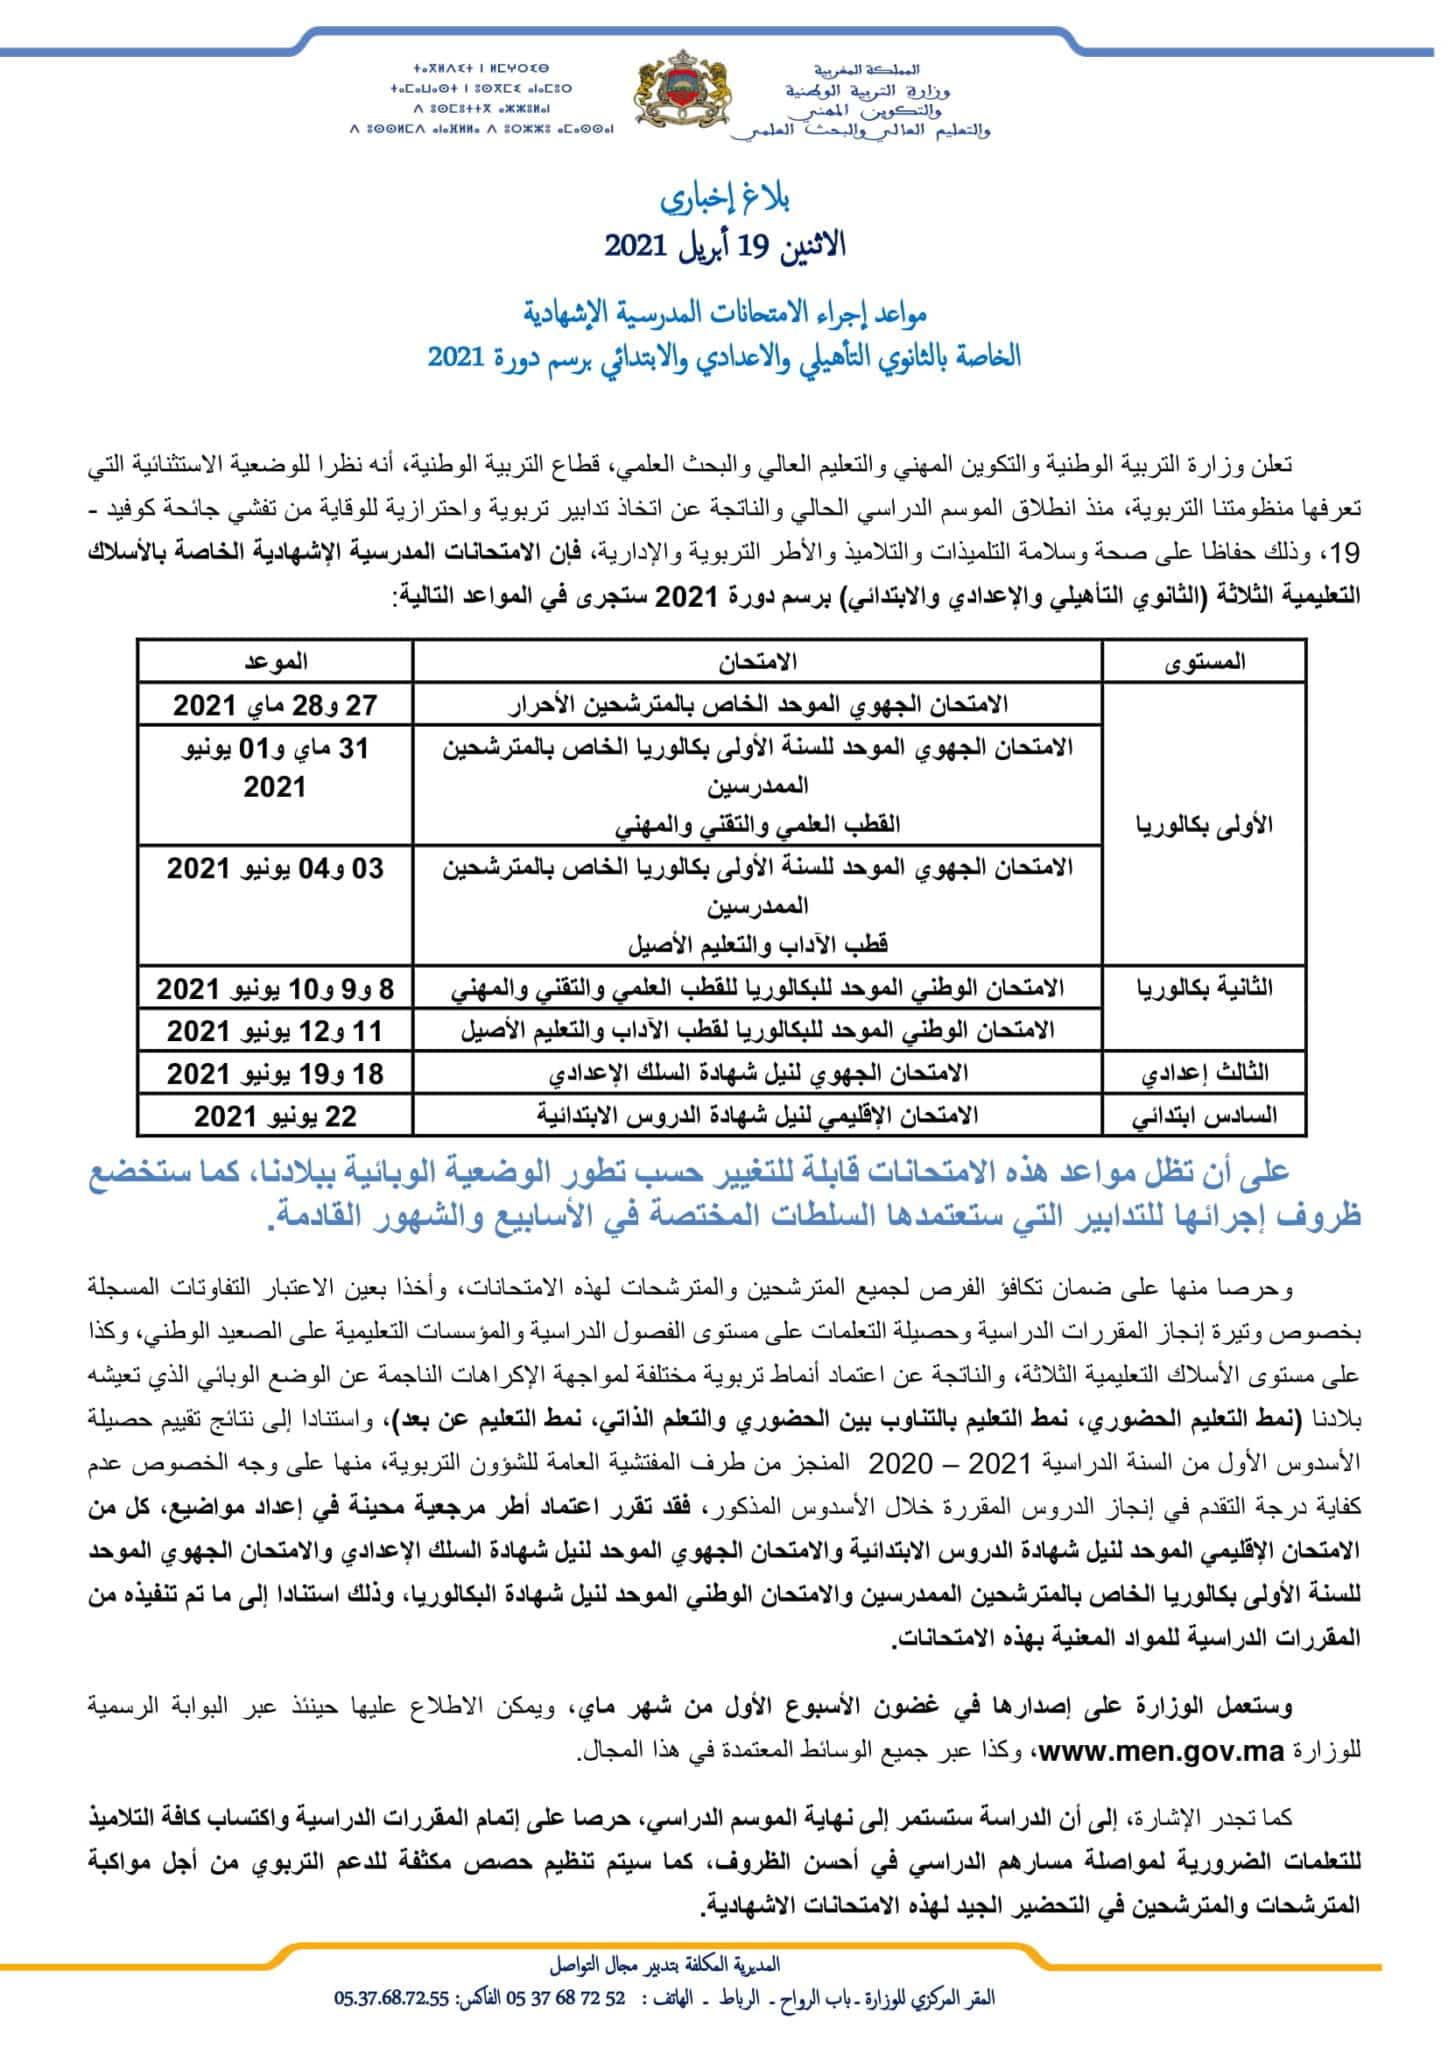 تاريخ اجتياز الامتحان الاقليمي السادسة ابتدائي 2021